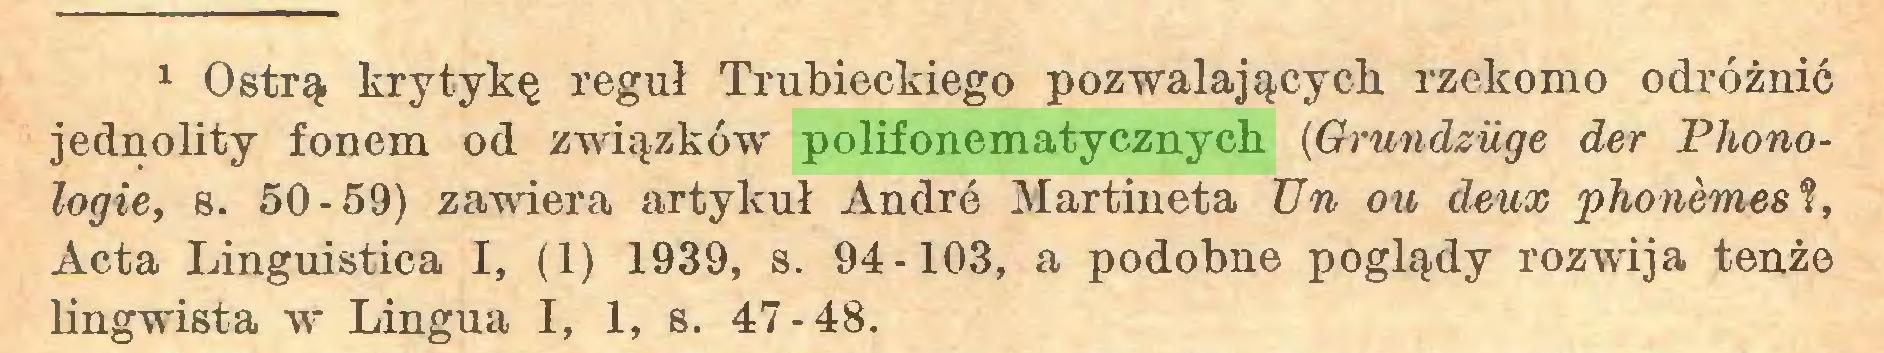 (...) 1 Ostrą krytykę reguł Trubieckiego pozwalających rzekomo odróżnić jednolity fonem od związków polifonematycznych {Grundzuge der Phonologie, s. 50-59) zawiera artykuł Andró Martineta Un ou ¿leux 'phonèmes?, Acta Lingüistica I, (1) 1939, s. 94-103, a podobne poglądy rozwija tenże lingwista w Lingua I, 1, s. 47-48...